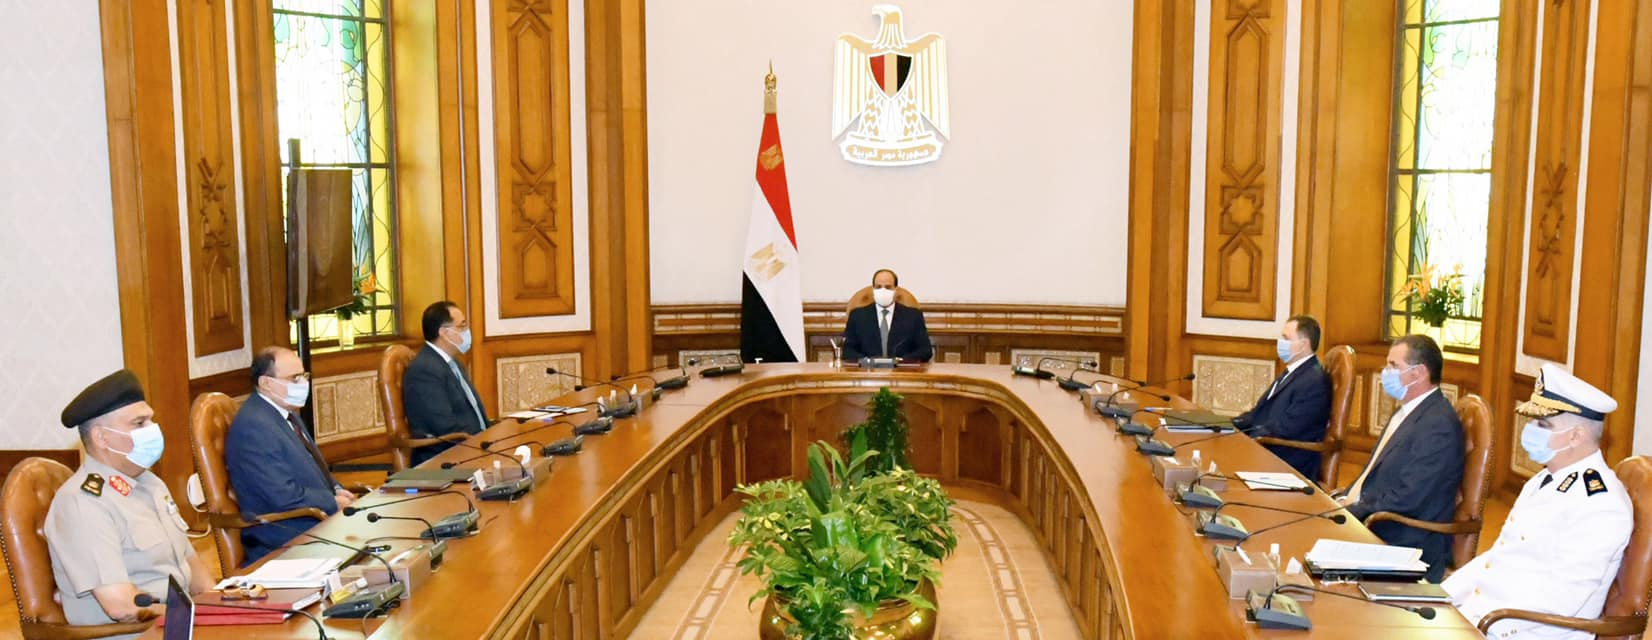 صور| الرئيس السيسي يوجه بميكنة المنشآت الجديدة لوزارة الداخلية